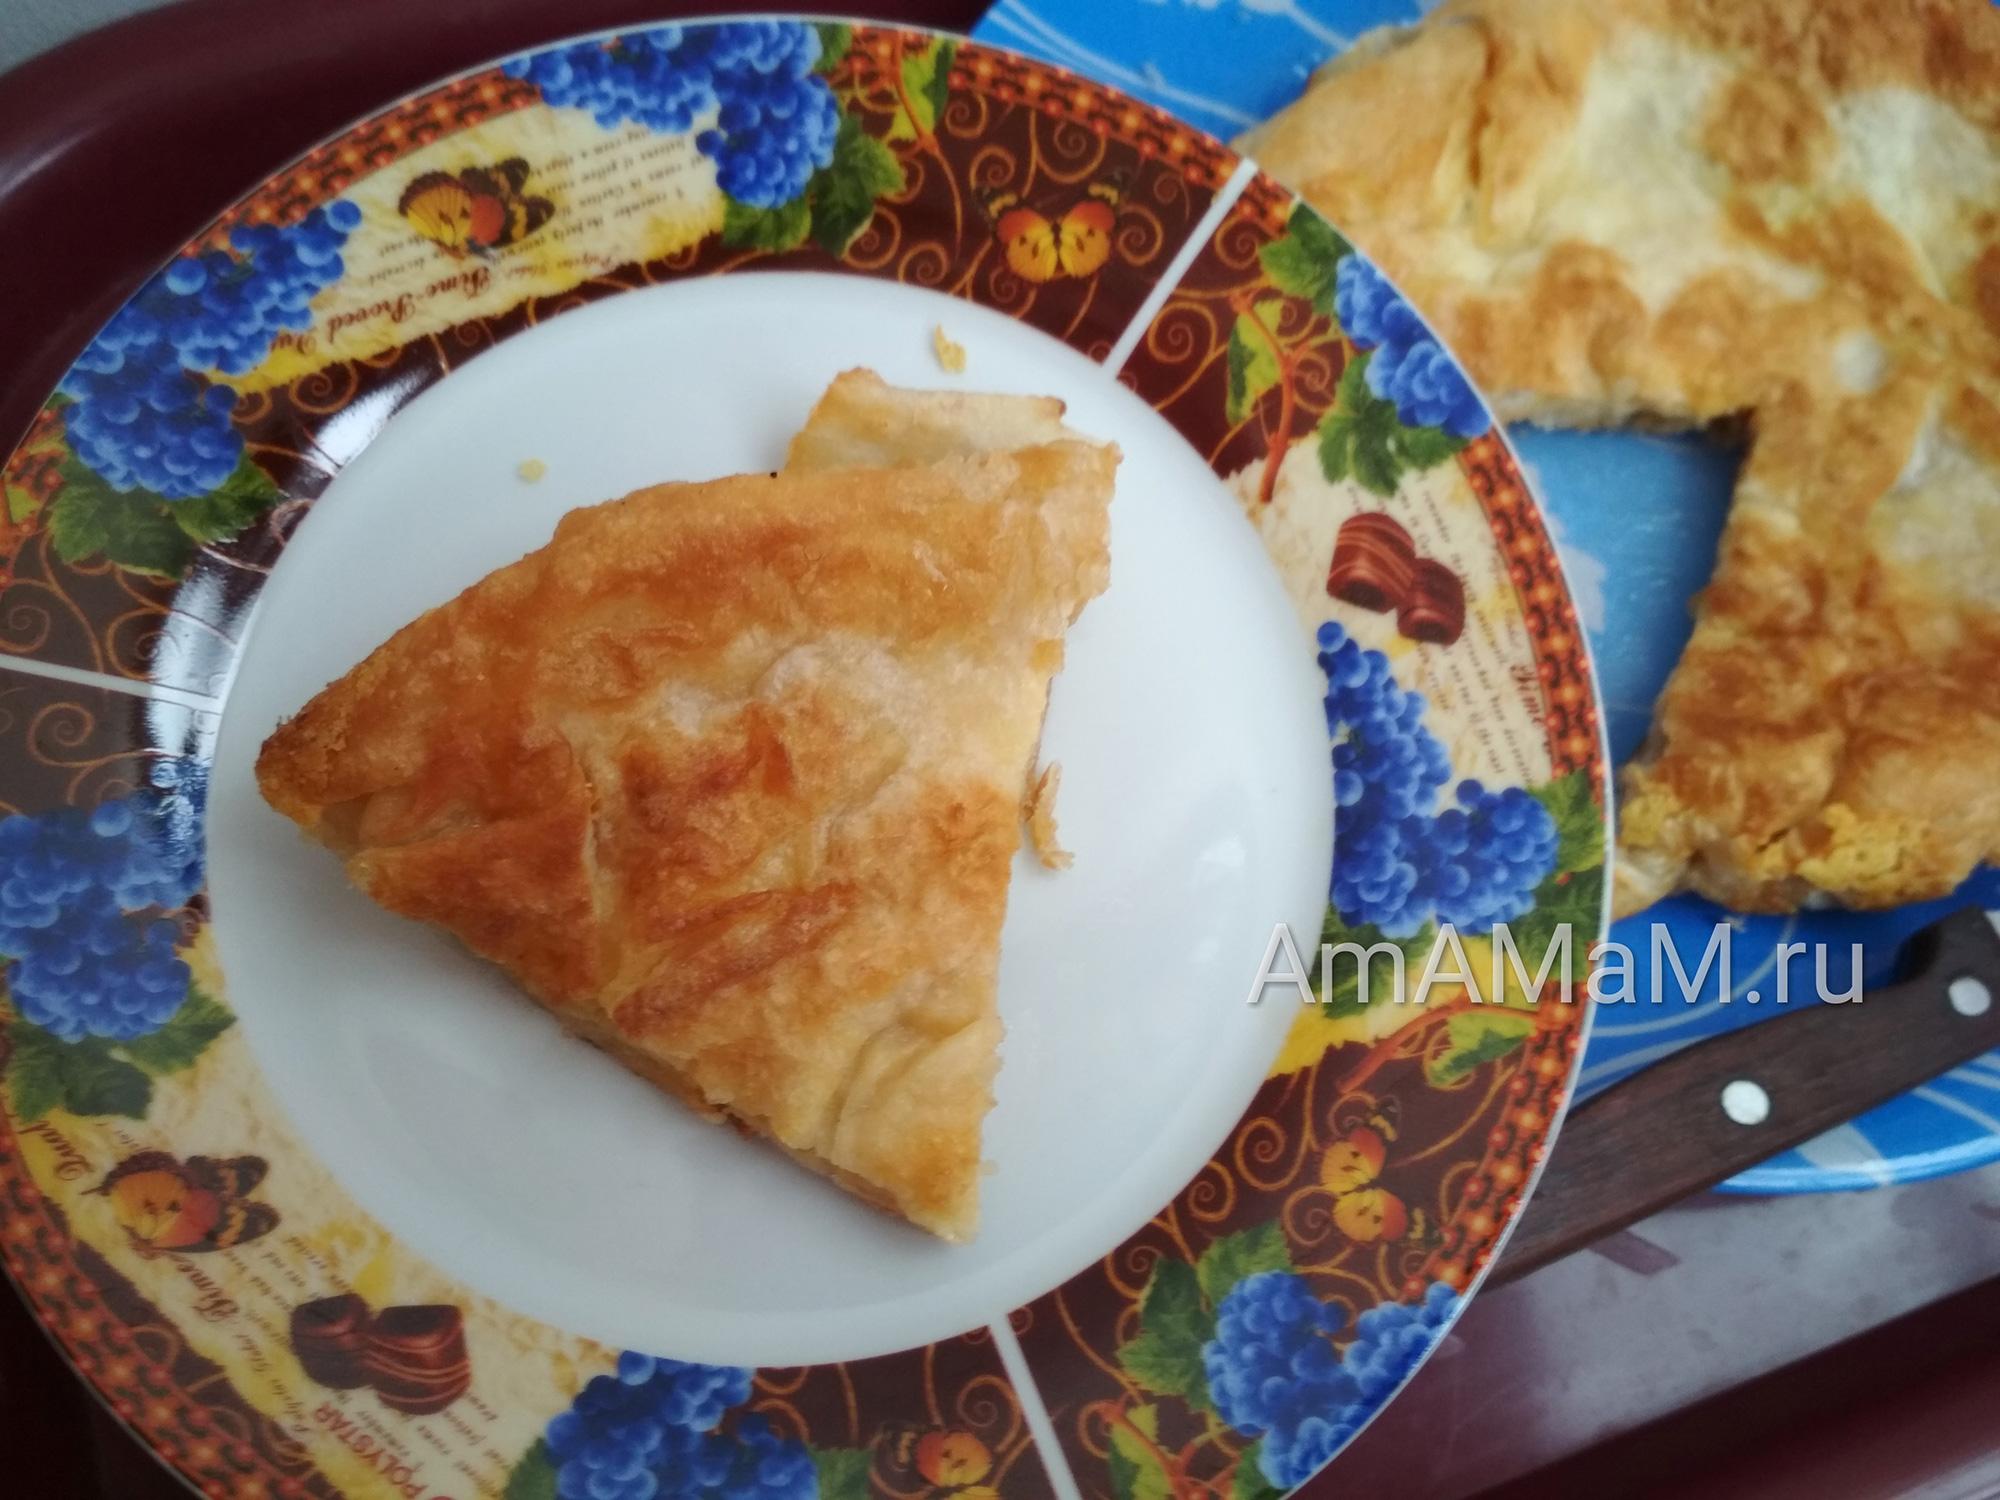 Сырная лепешка из тонкого лаваша - своими руками